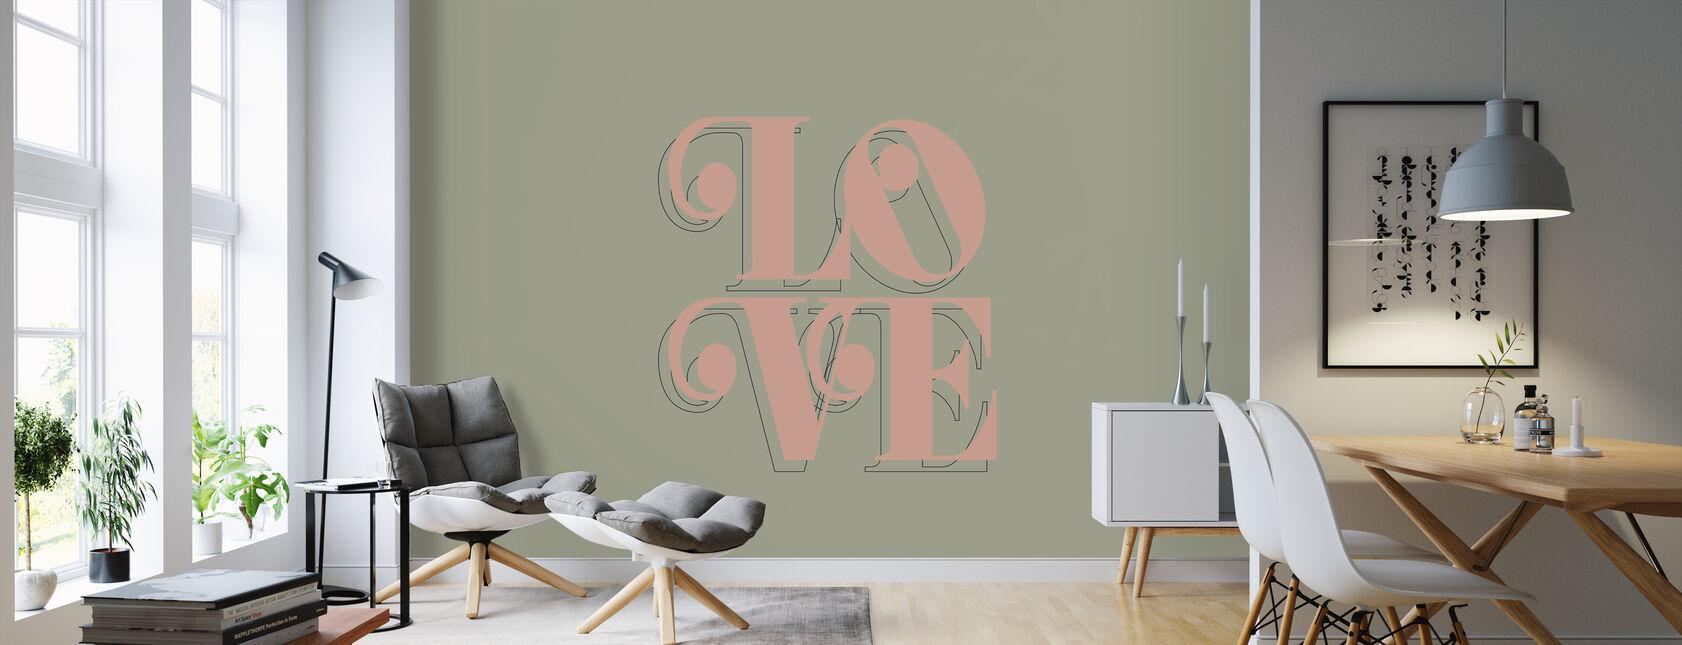 Liefde boerenkool - Behang - Woonkamer